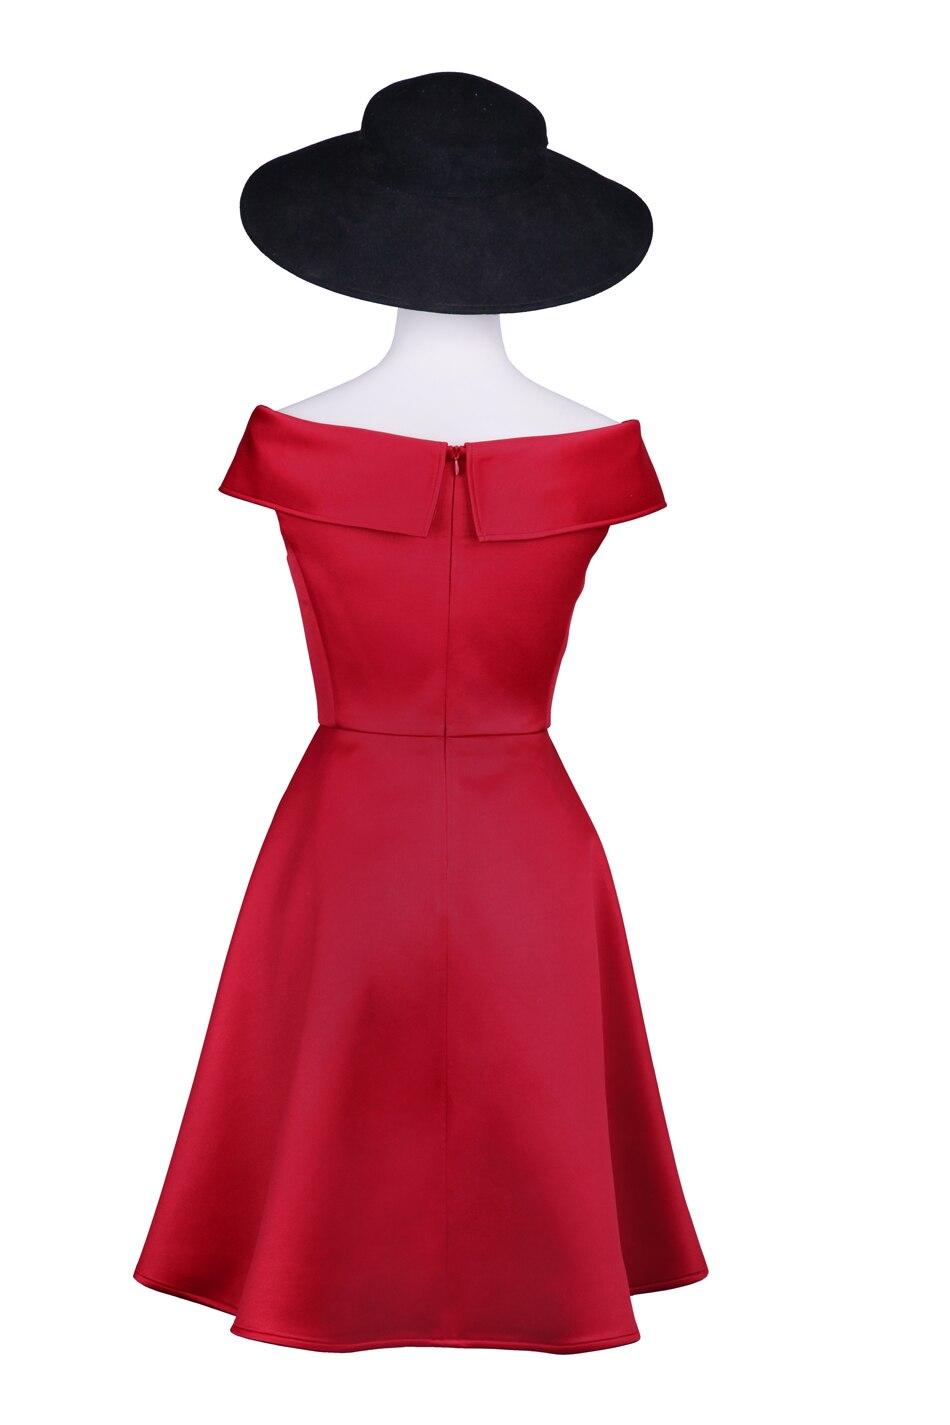 Personnaliser Robe 3xs Été Hepburn Taille S Couche De Vintage 1950 Plus Femmes Parti Automne La Double 10xl Printemps Swing Rétro K1TFclJ